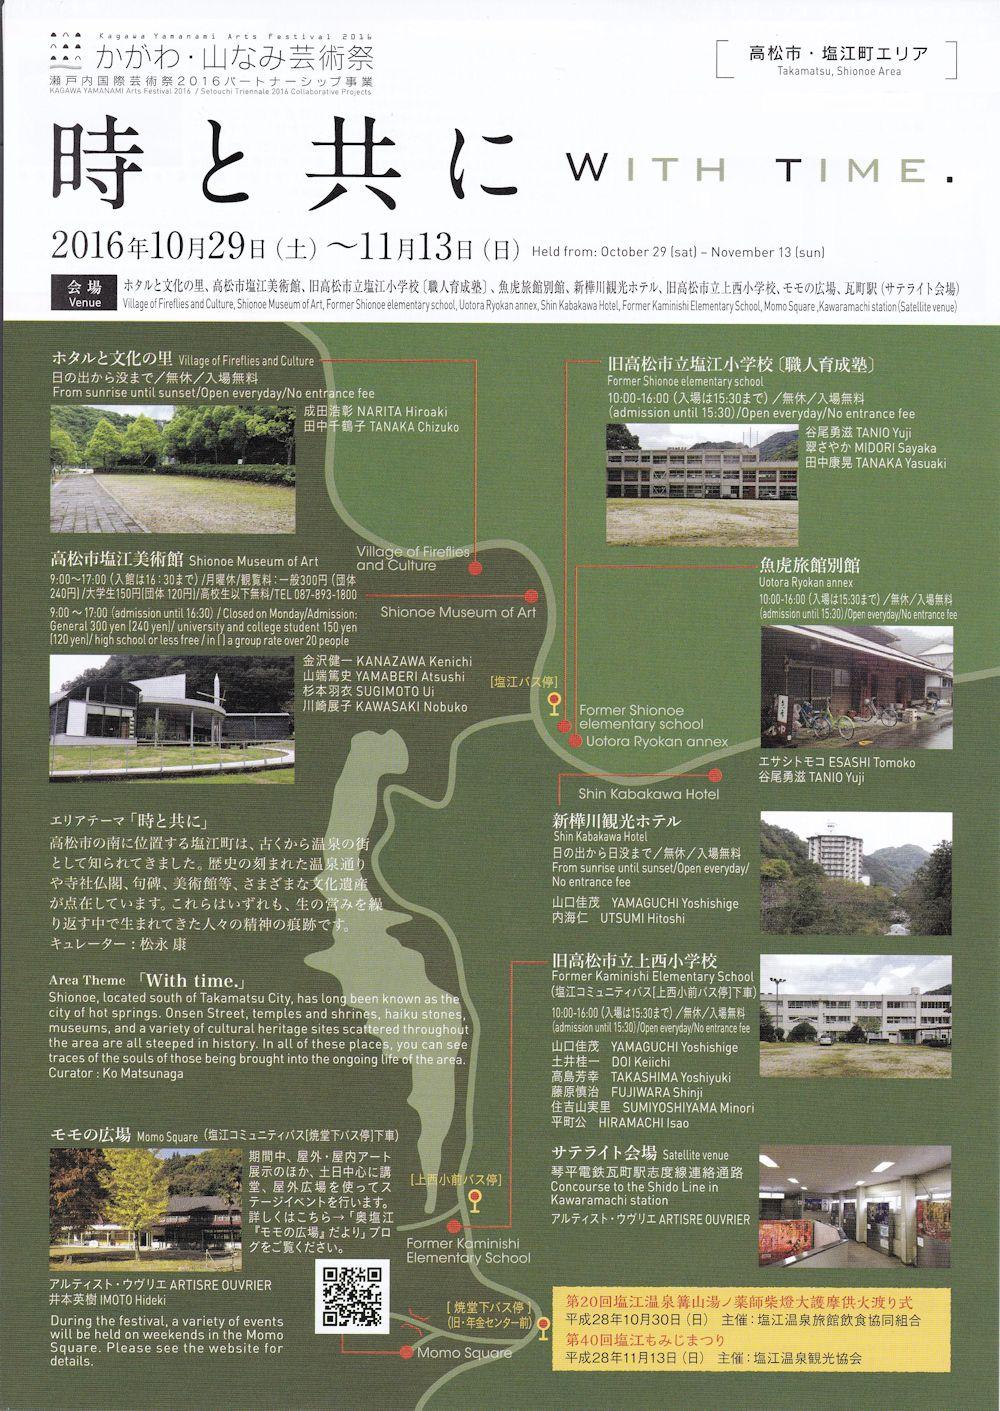 かがわ・山なみ芸術祭2016高松市塩江町エリア チラシ表